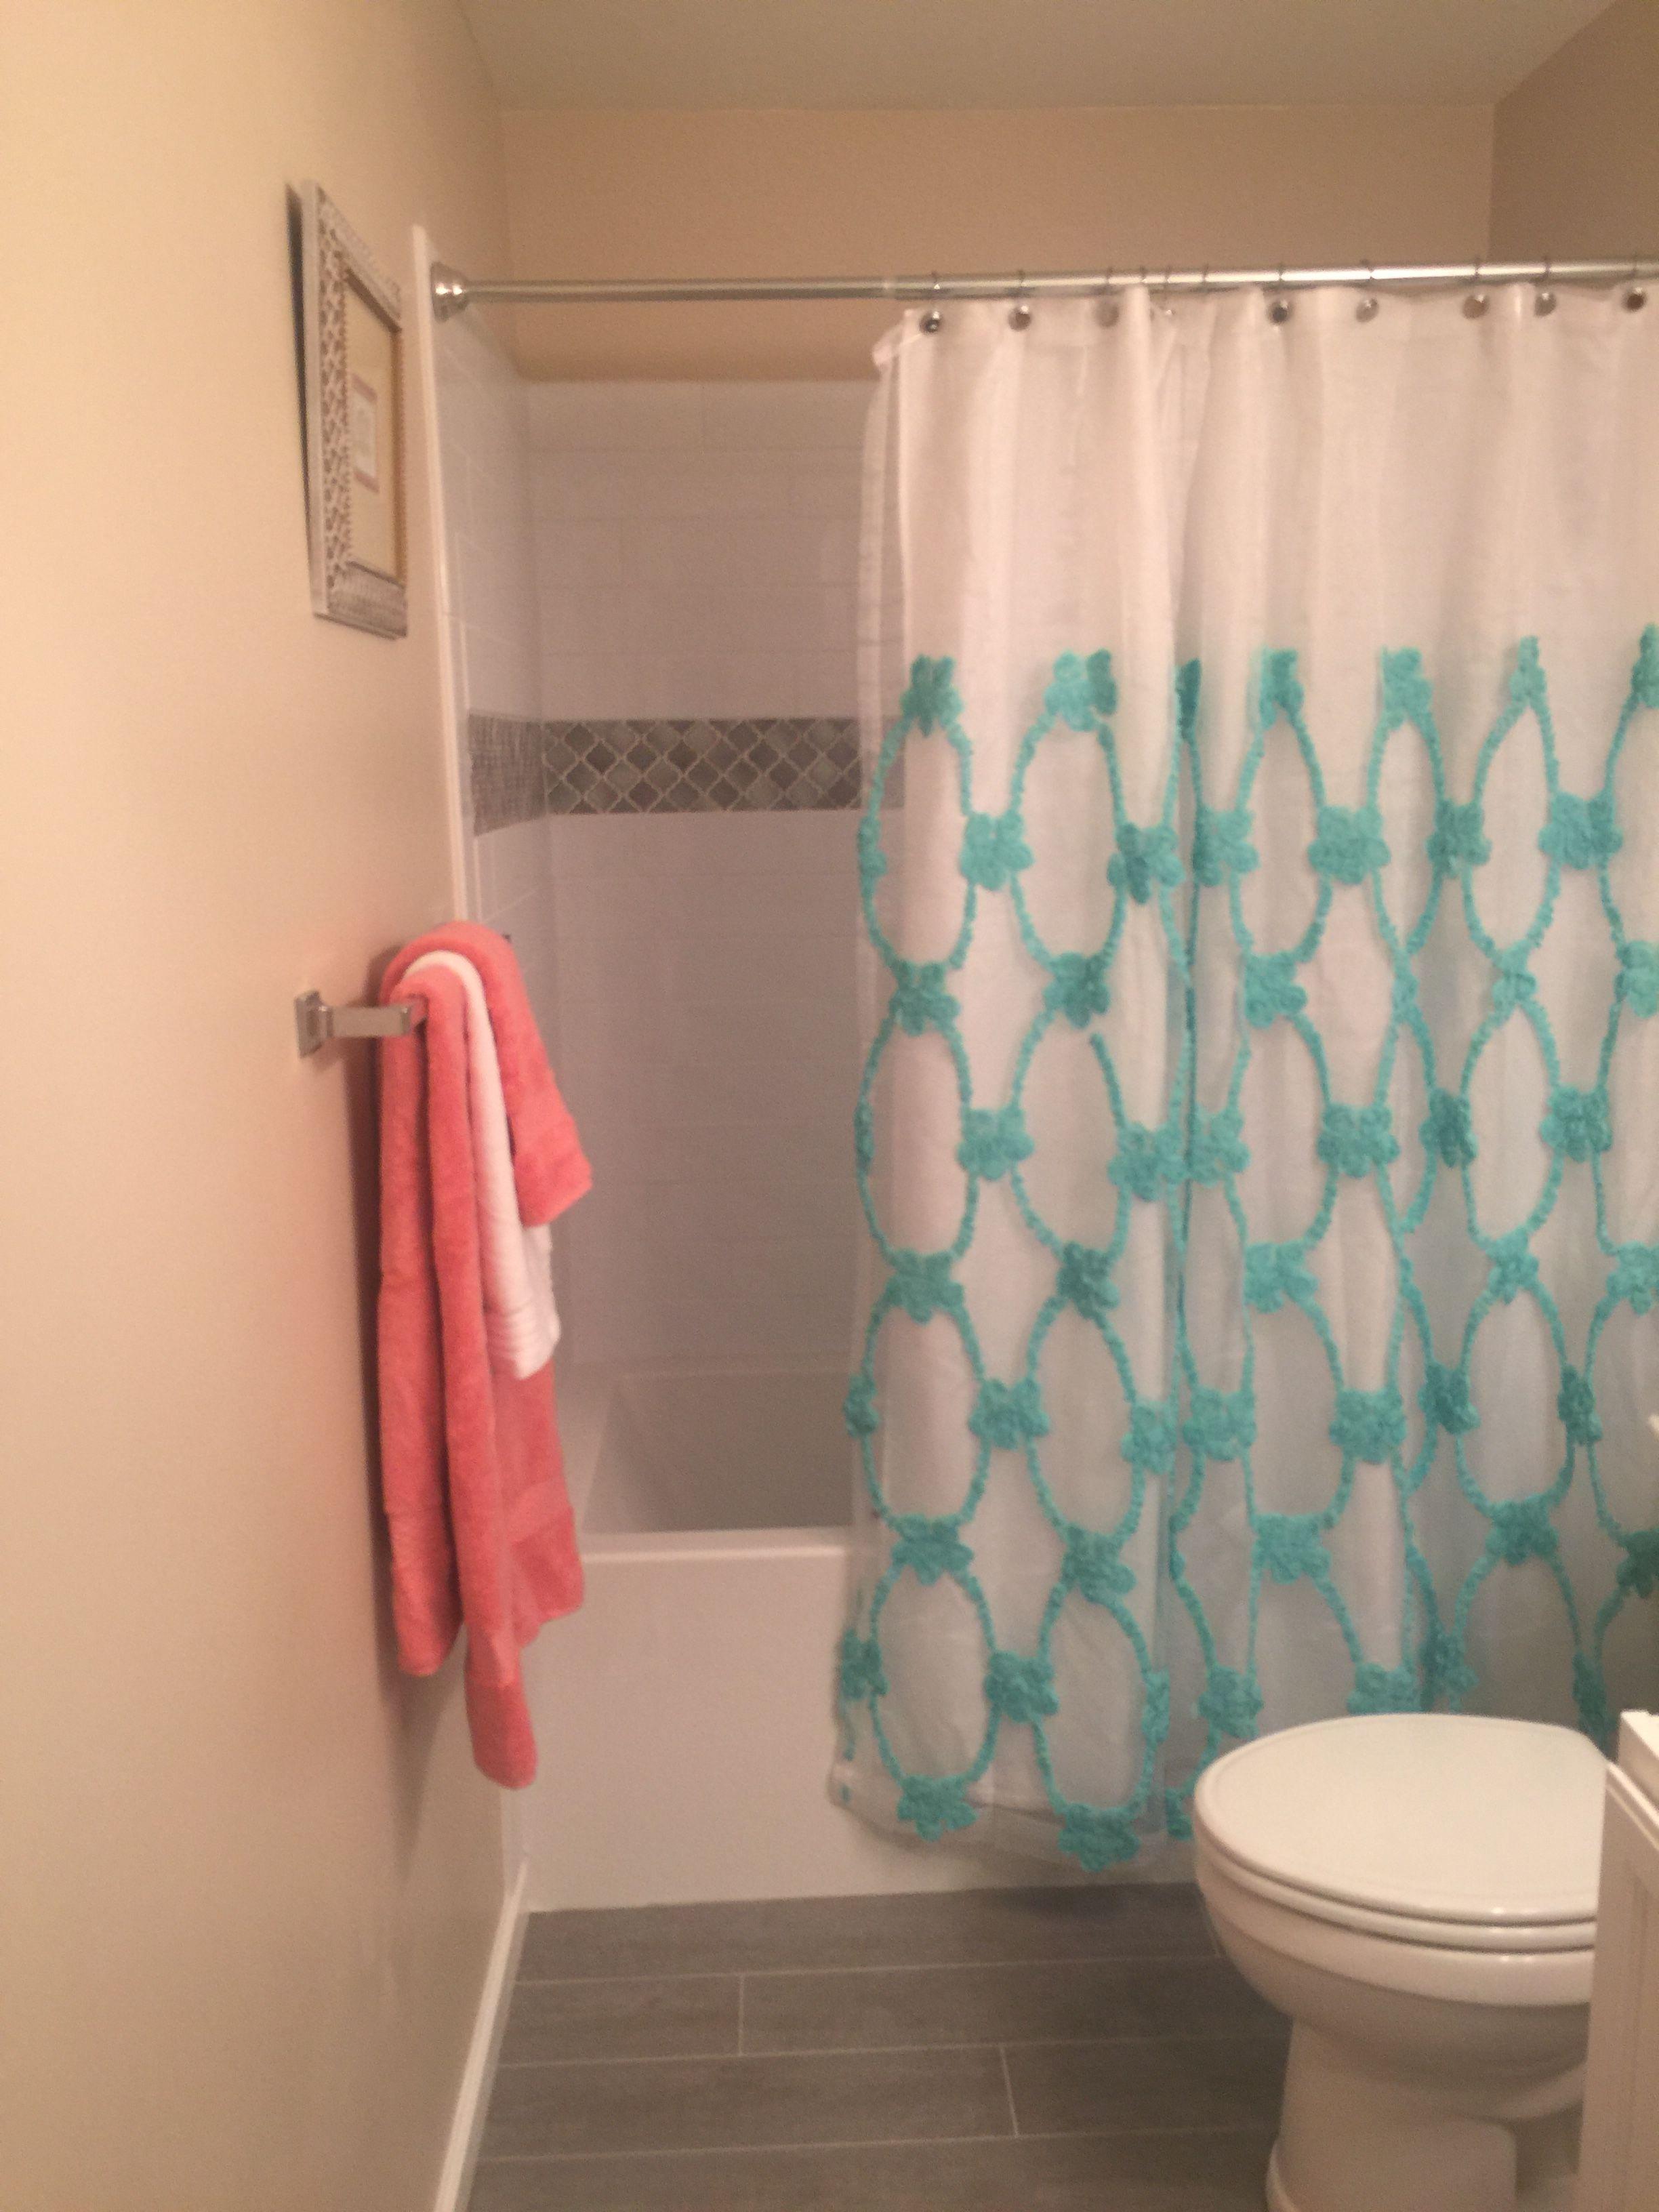 New floor tile and shower tile